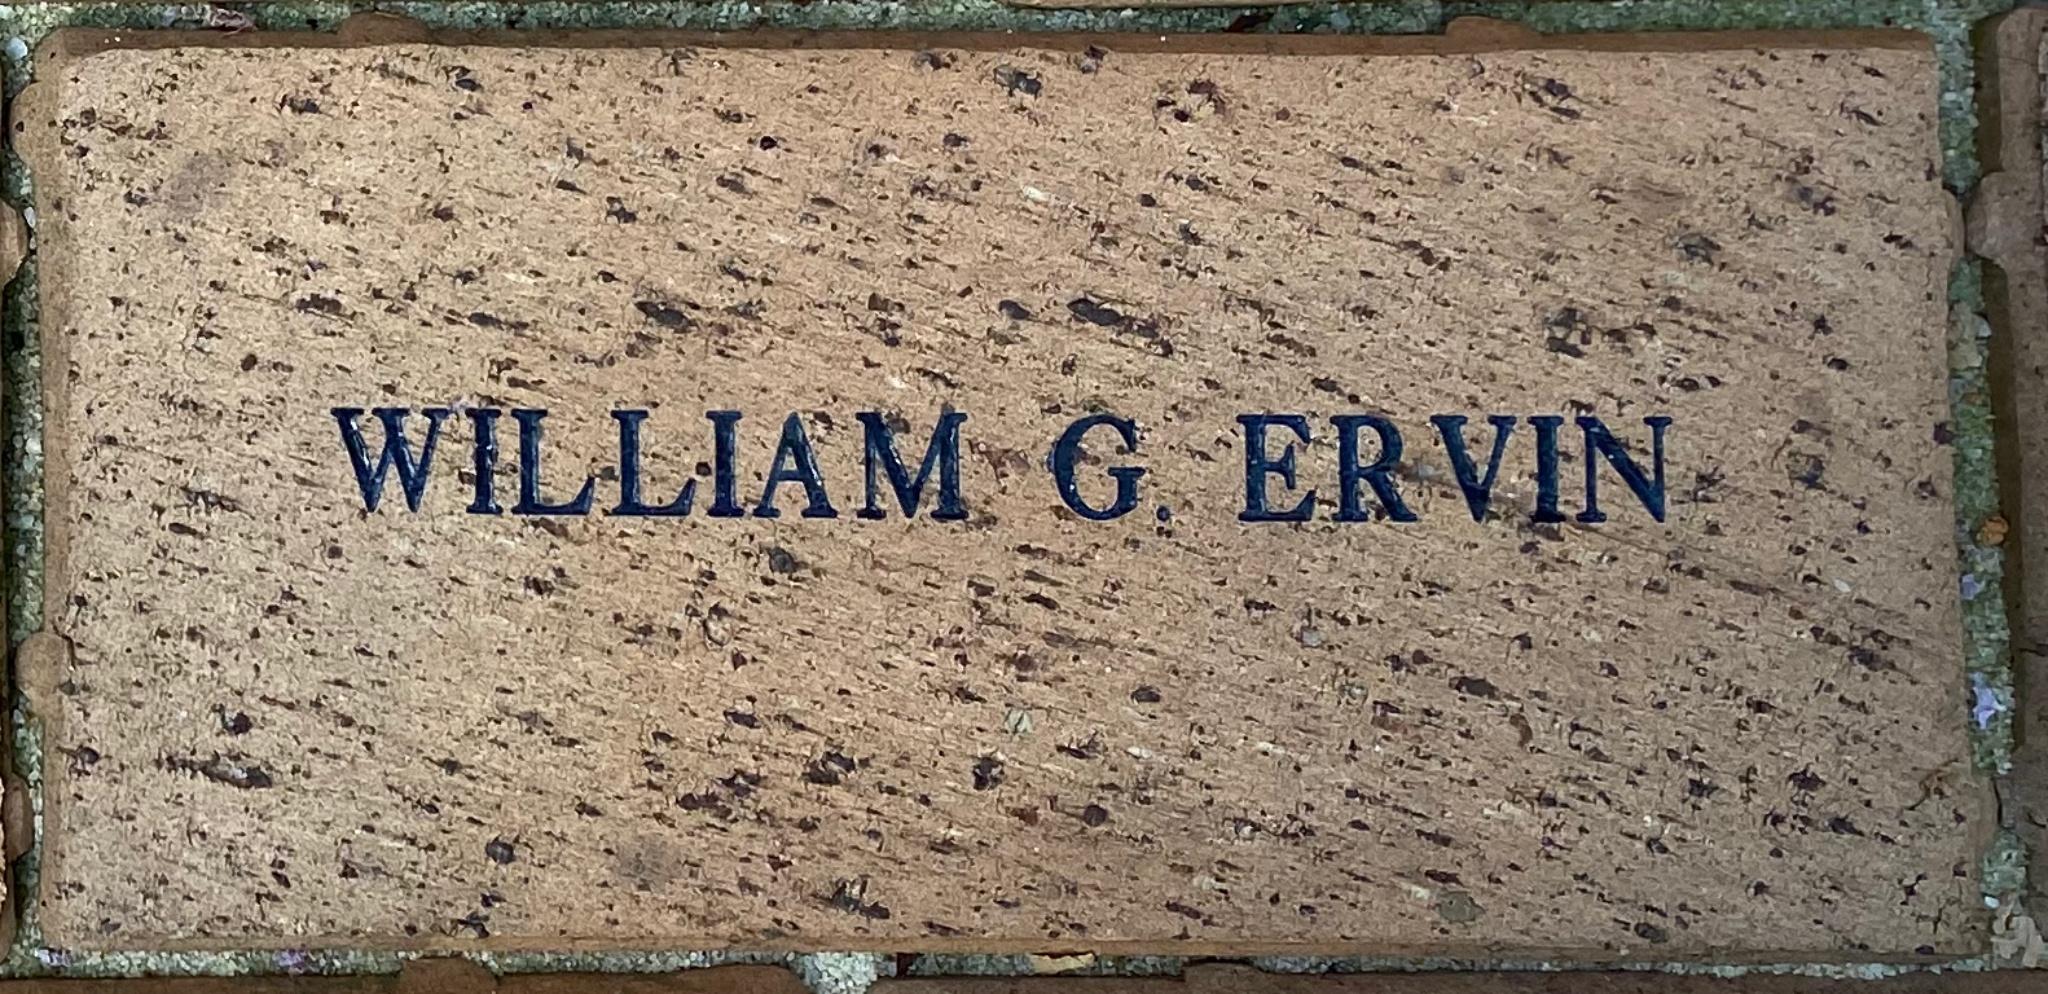 WILLIAM G. ERVIN